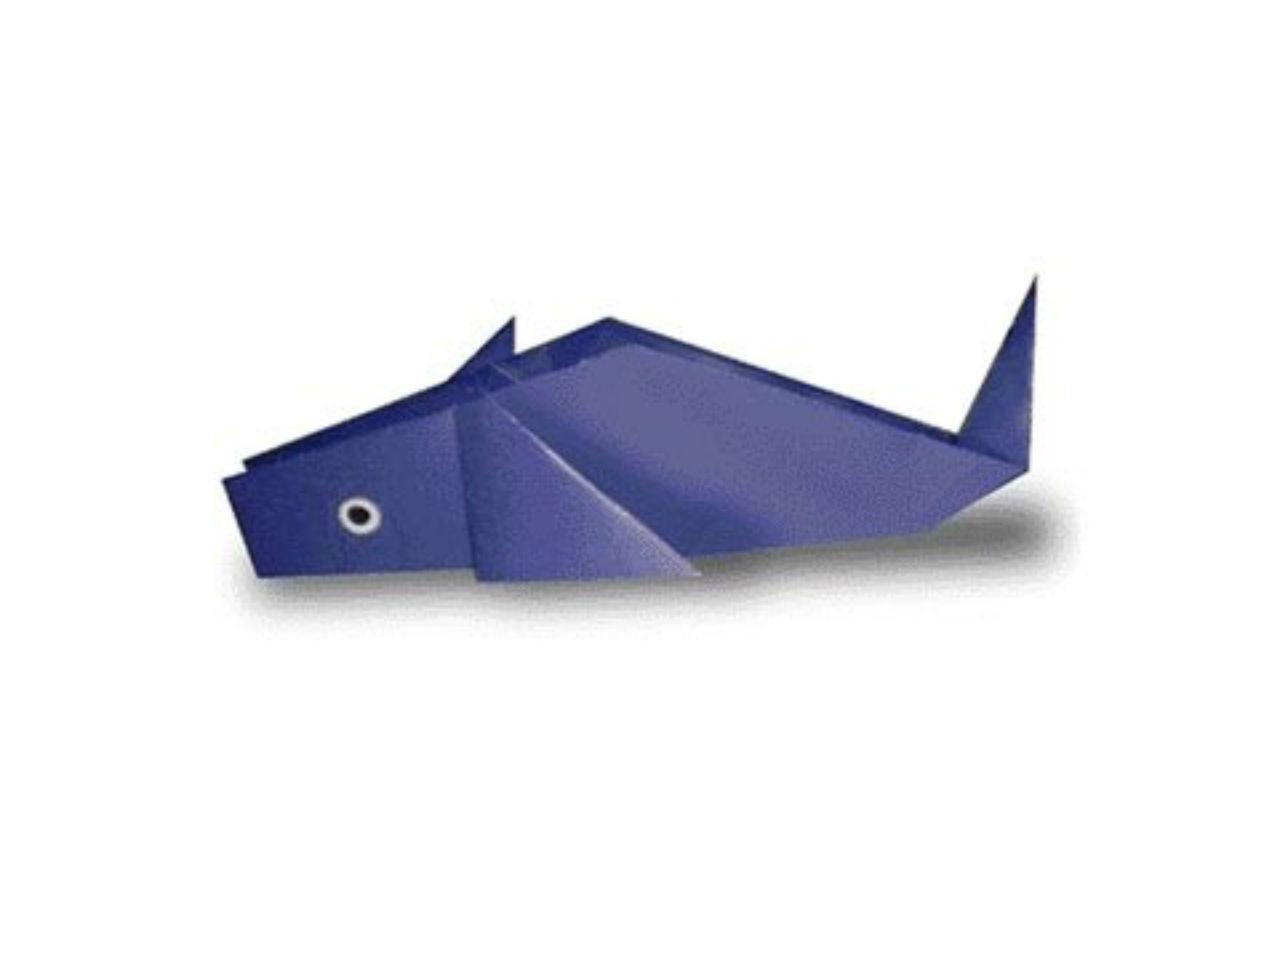 Cách gấp chú cá heo bằng giấy